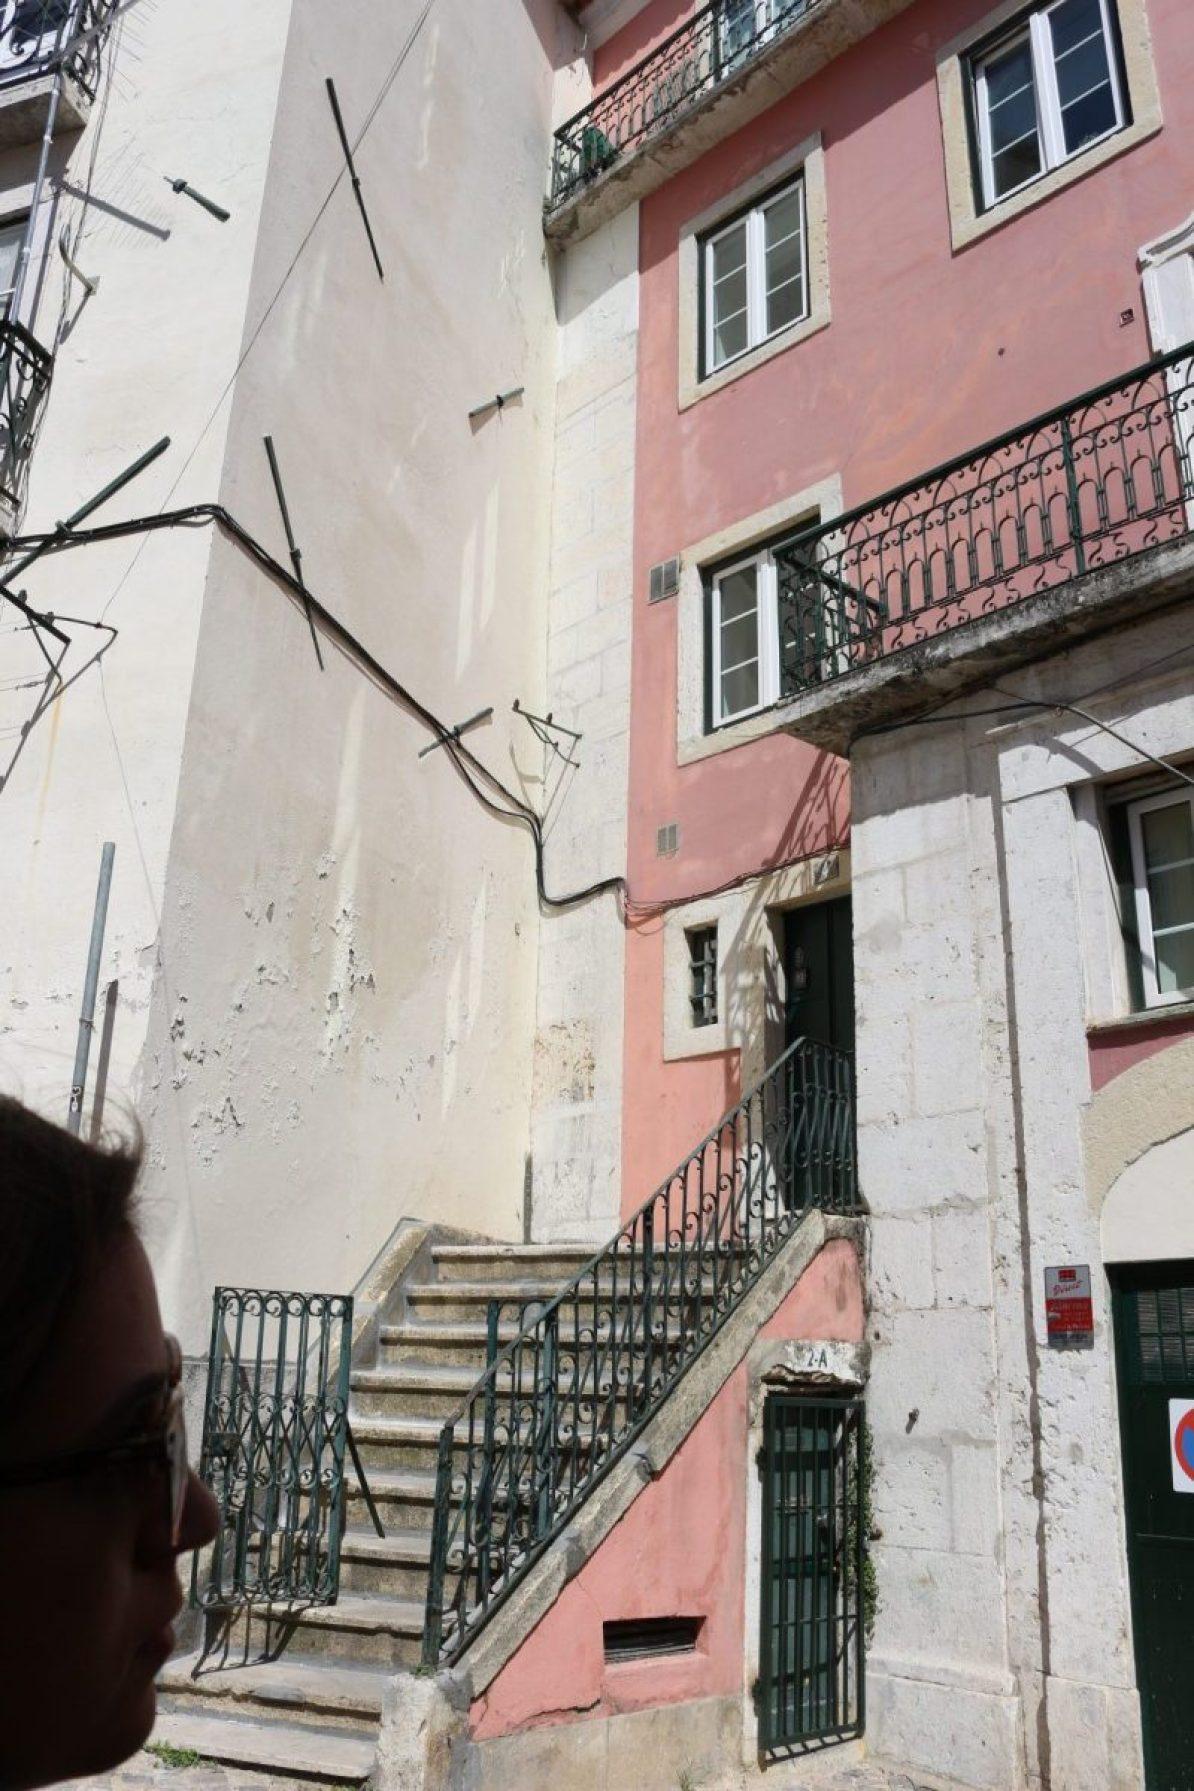 lisboa judaica massacre de 1506 judeus casa berequias zarco o ultimo cabalista de lisboa richard zimbre